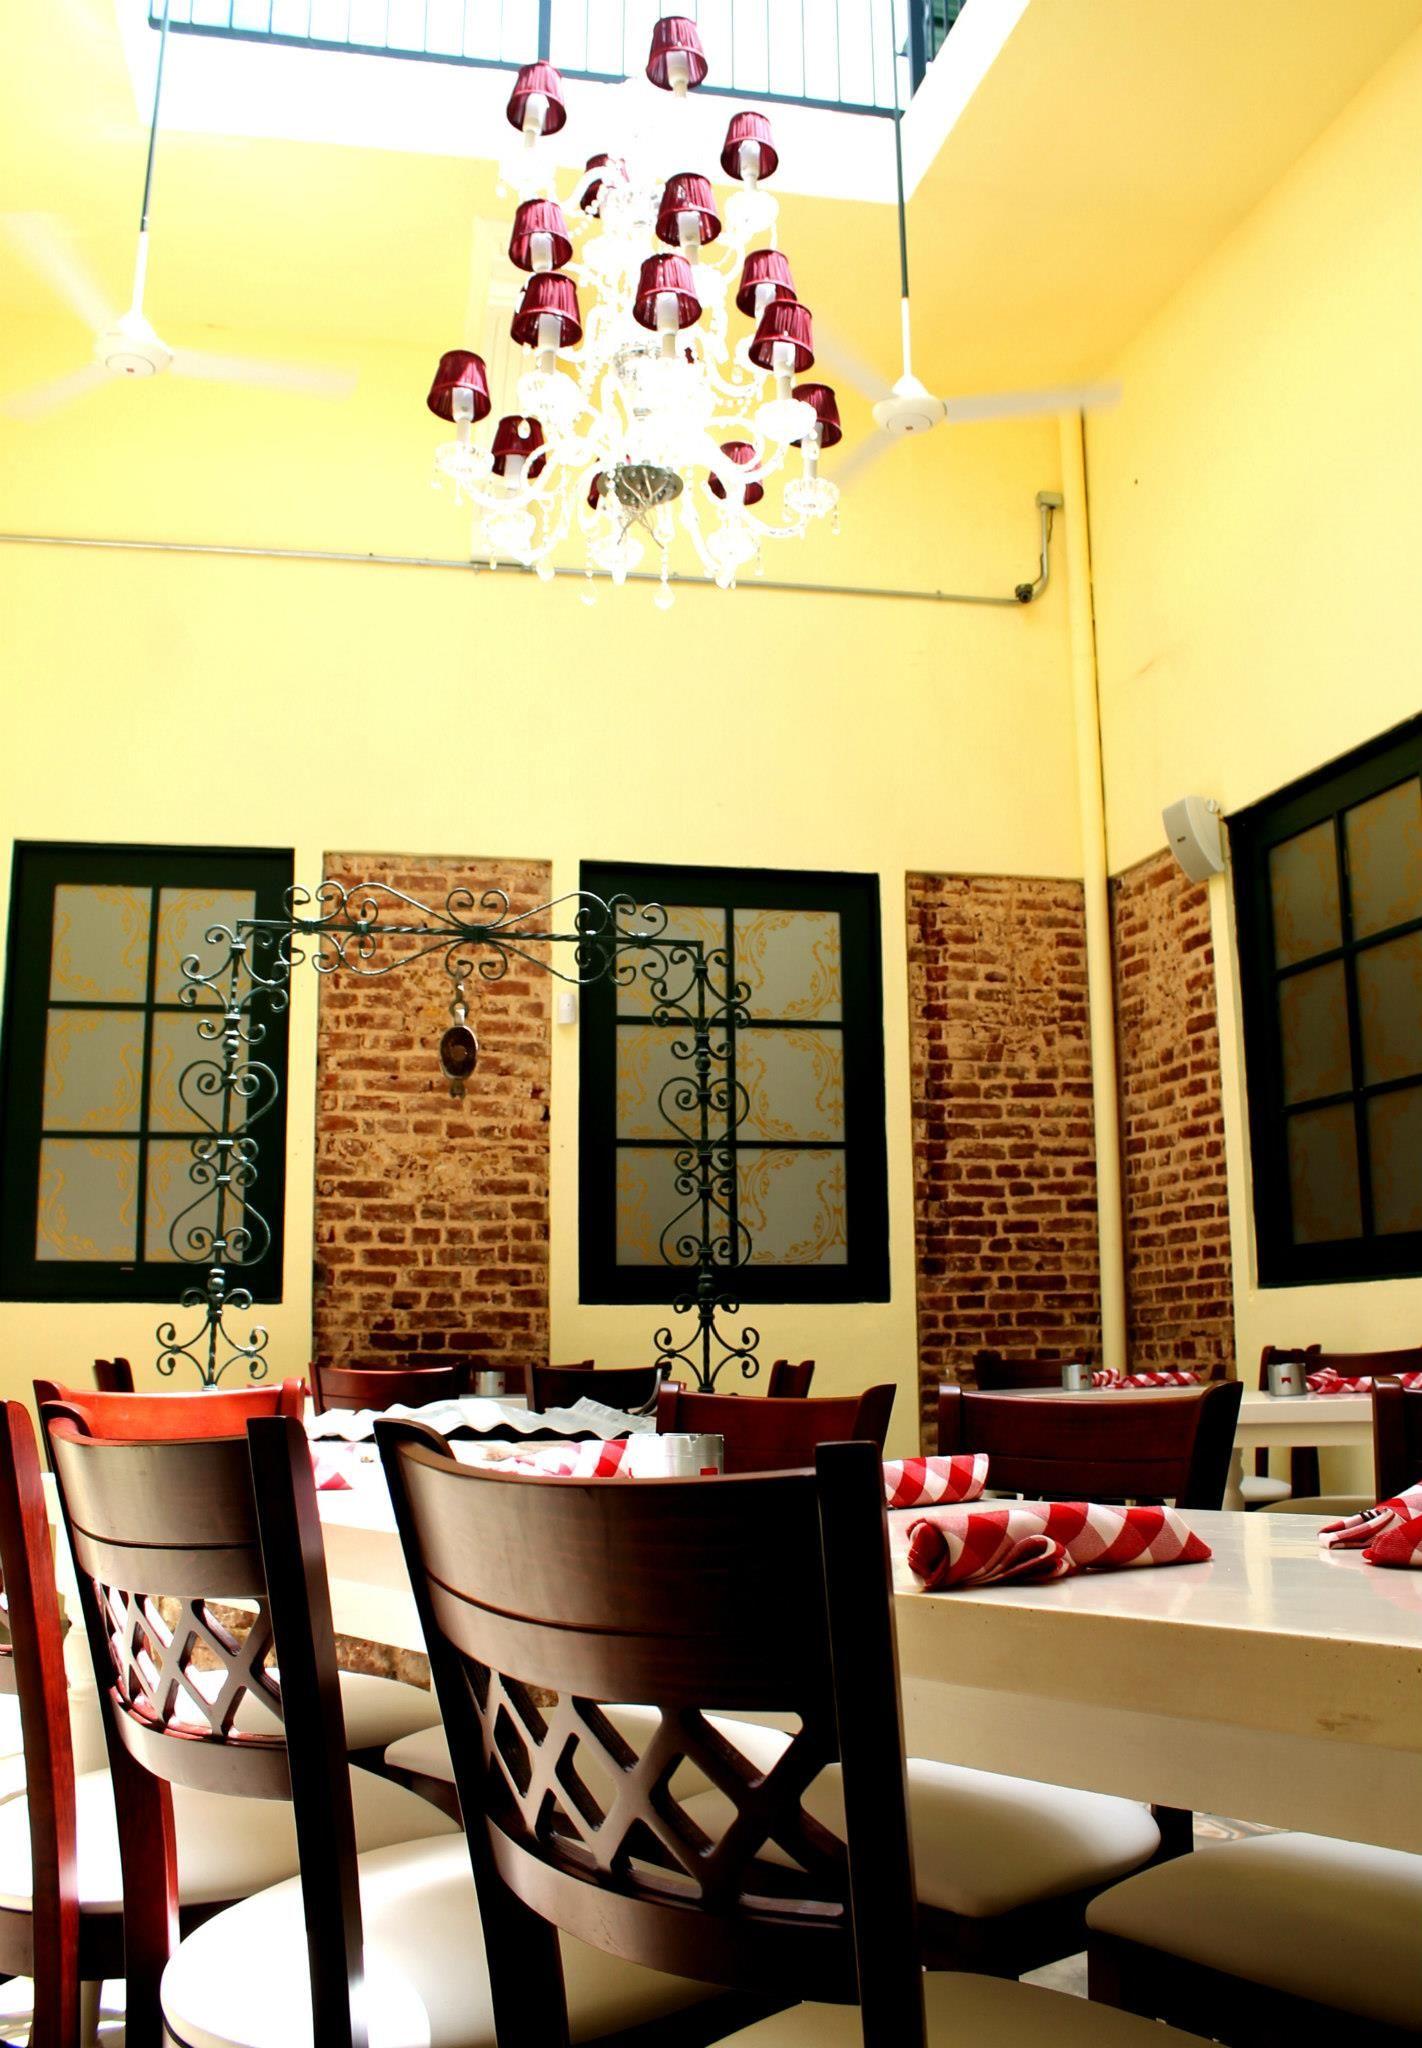 Un patio peque o y acogedor con un estilo r stico for Arredamento rustico italiano